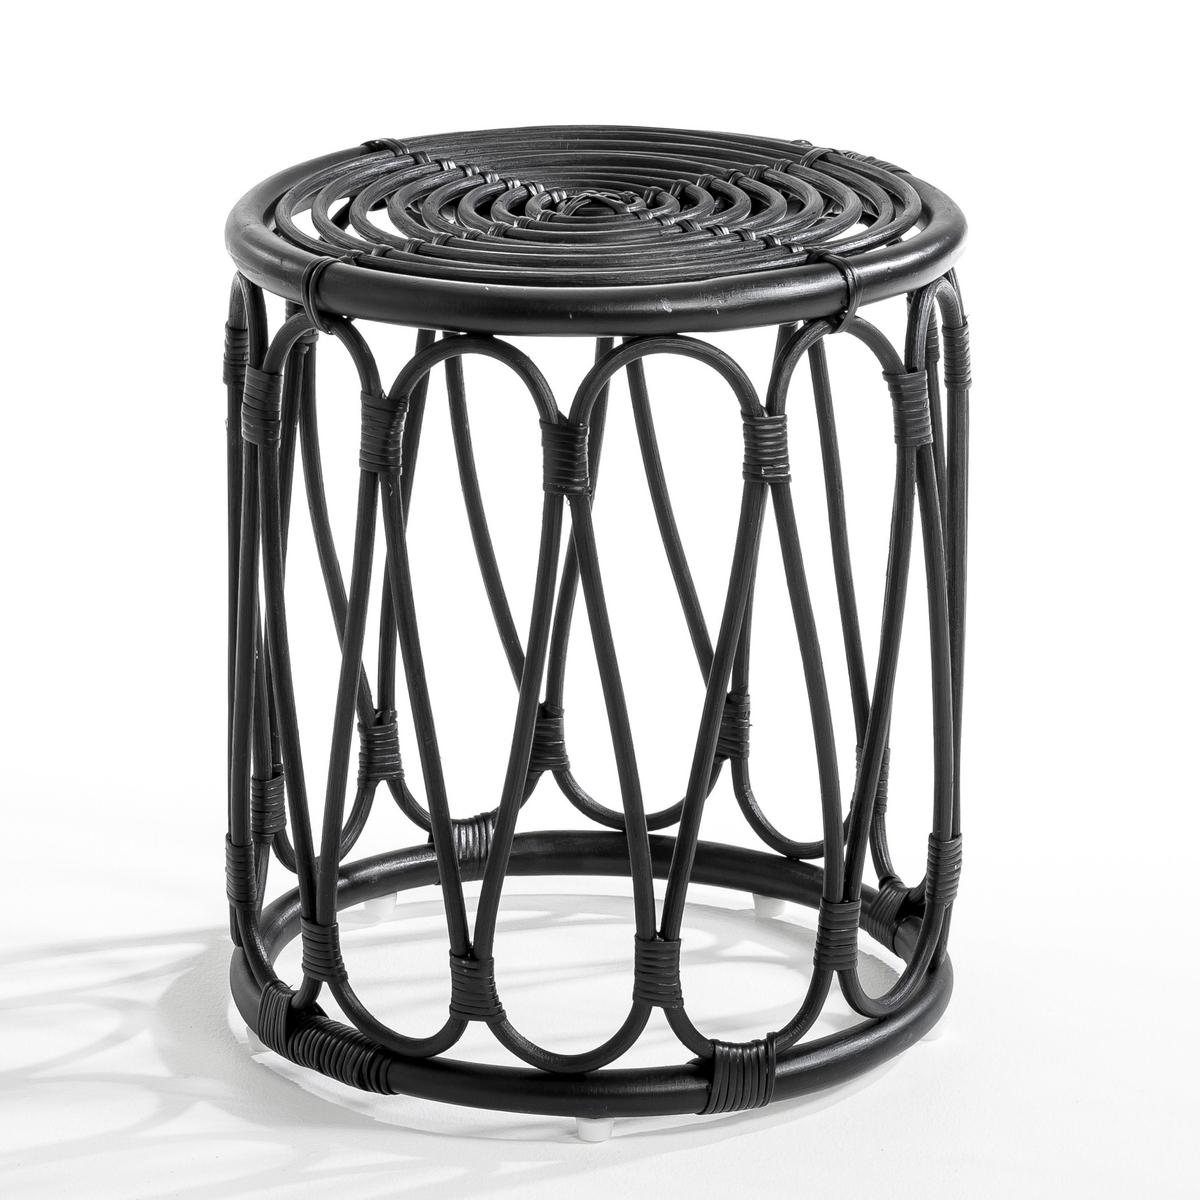 Столик диванный MevenСтолик диванный из ротанга. Диаметр 37 см .Высота 42 см.<br><br>Цвет: черный